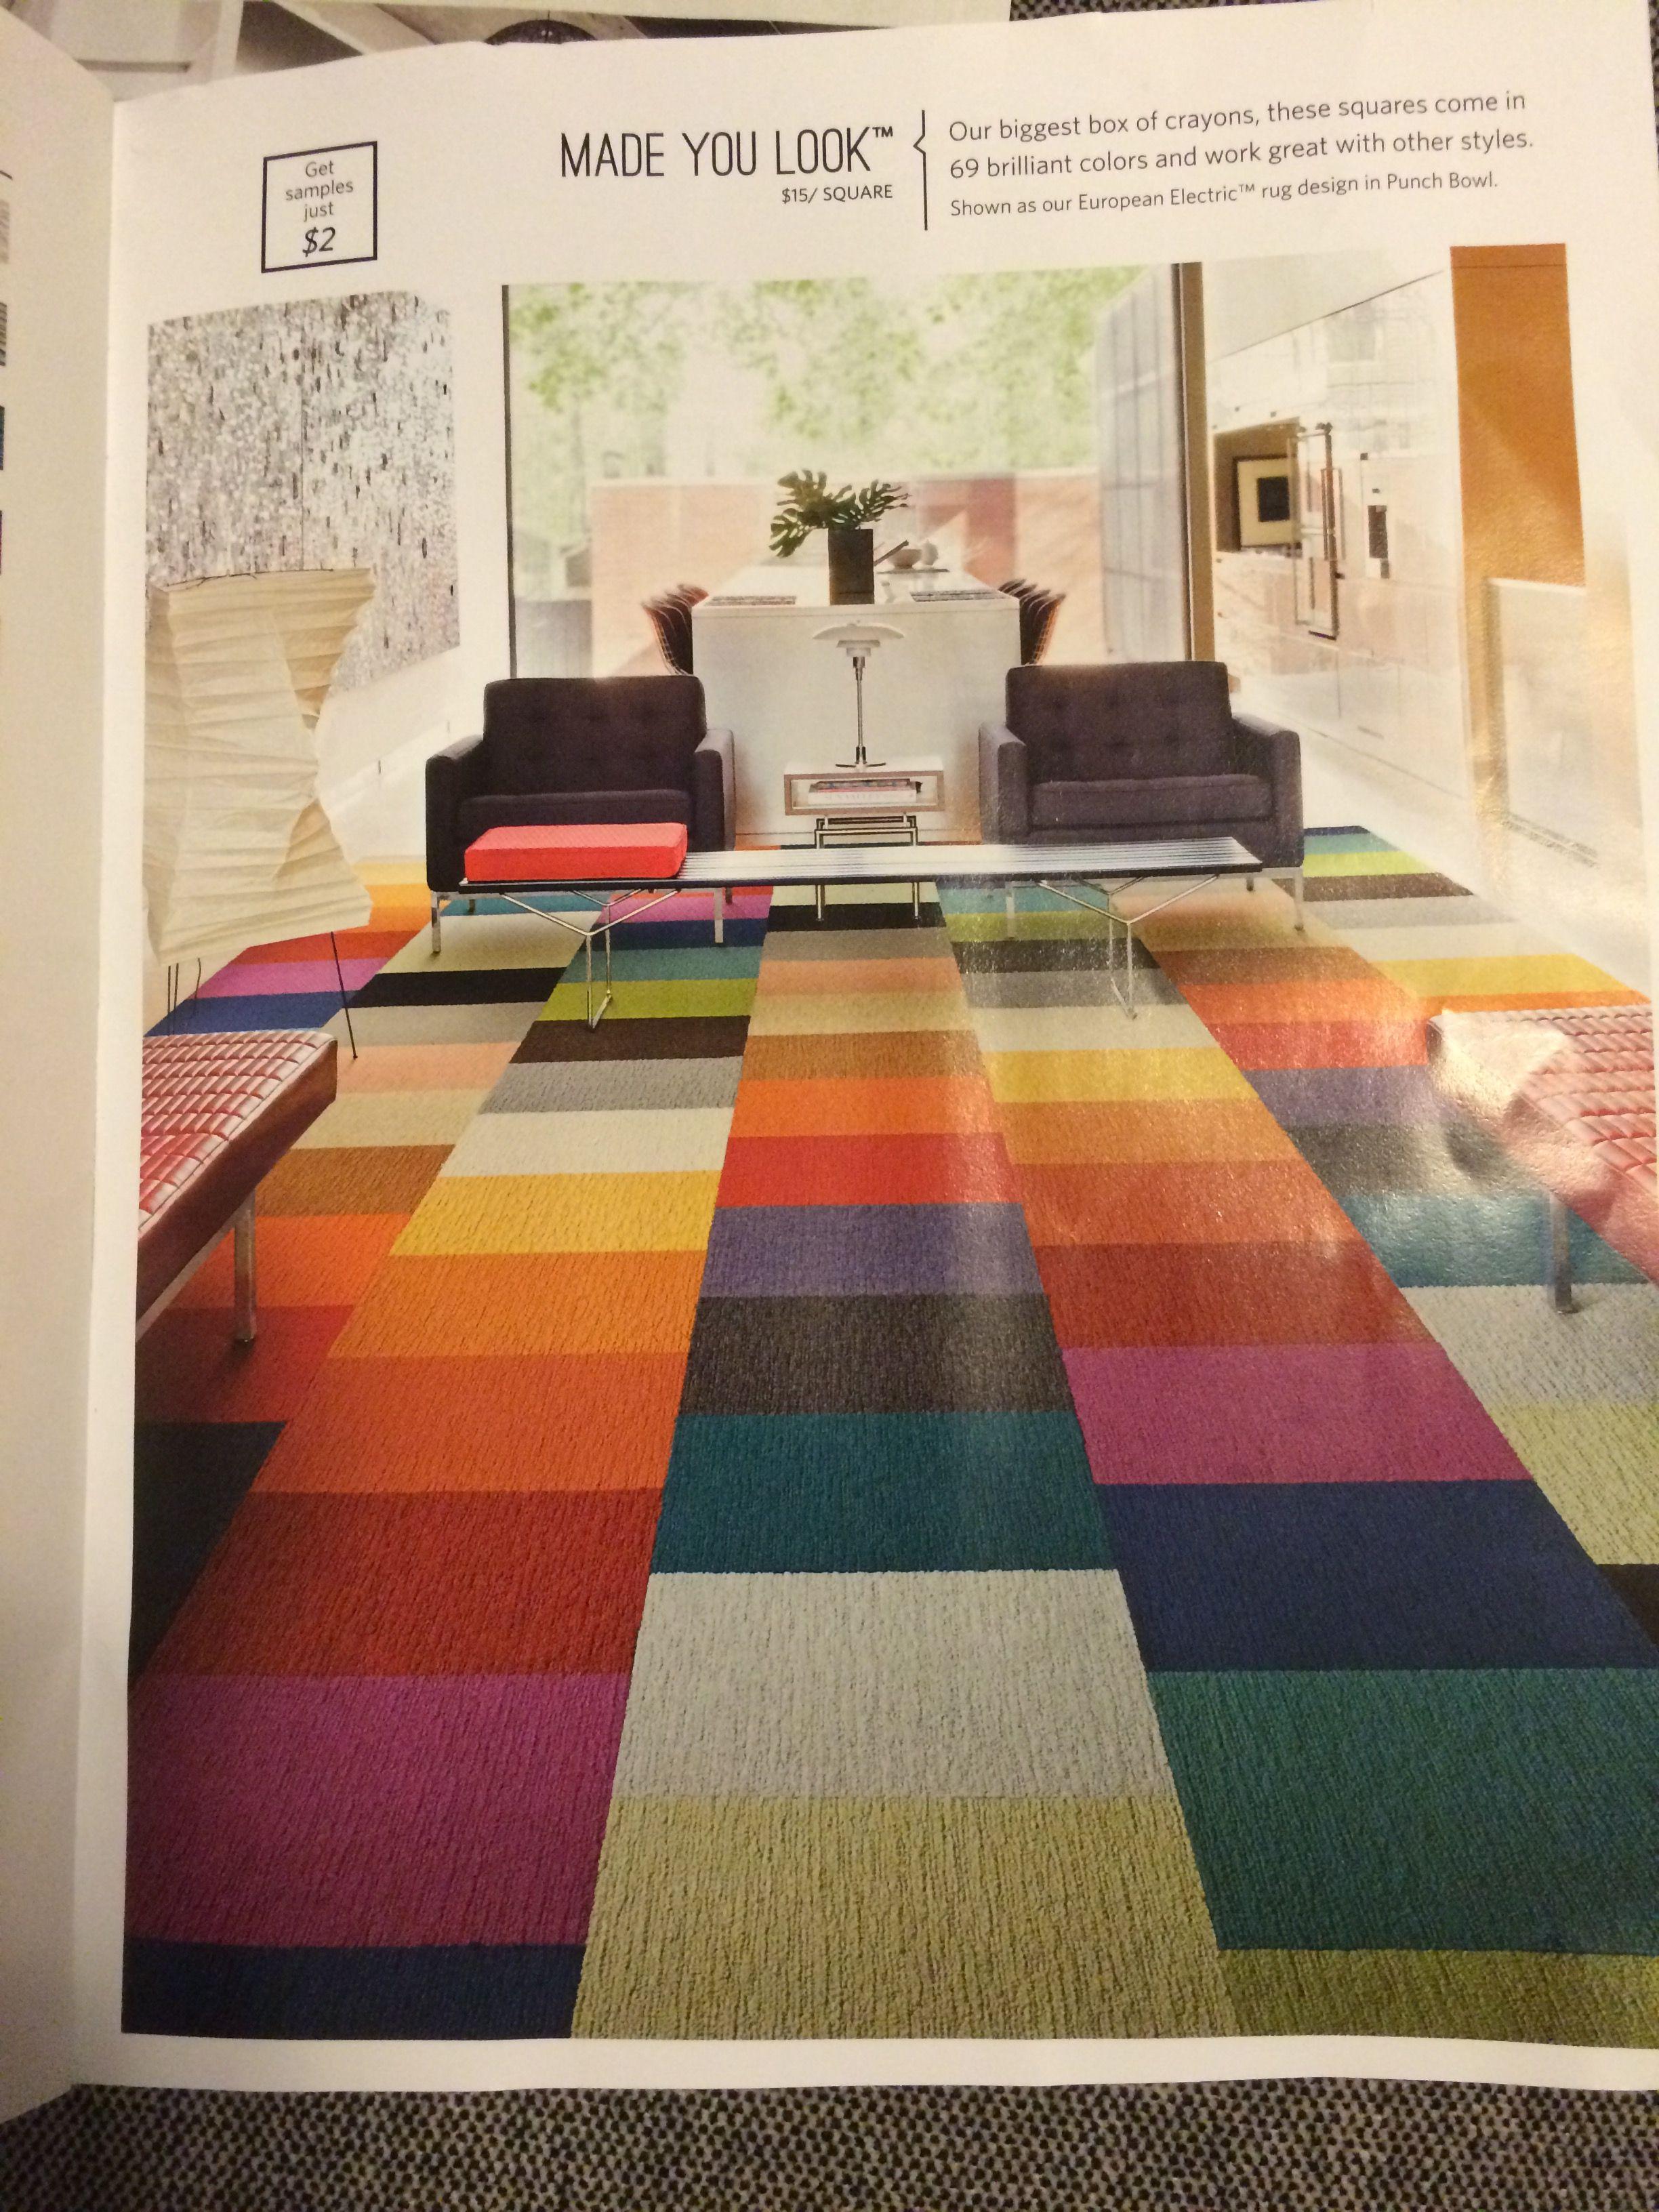 Pin By Dan Supan On Carpeting Carpet Tiles Floor Carpet Tiles